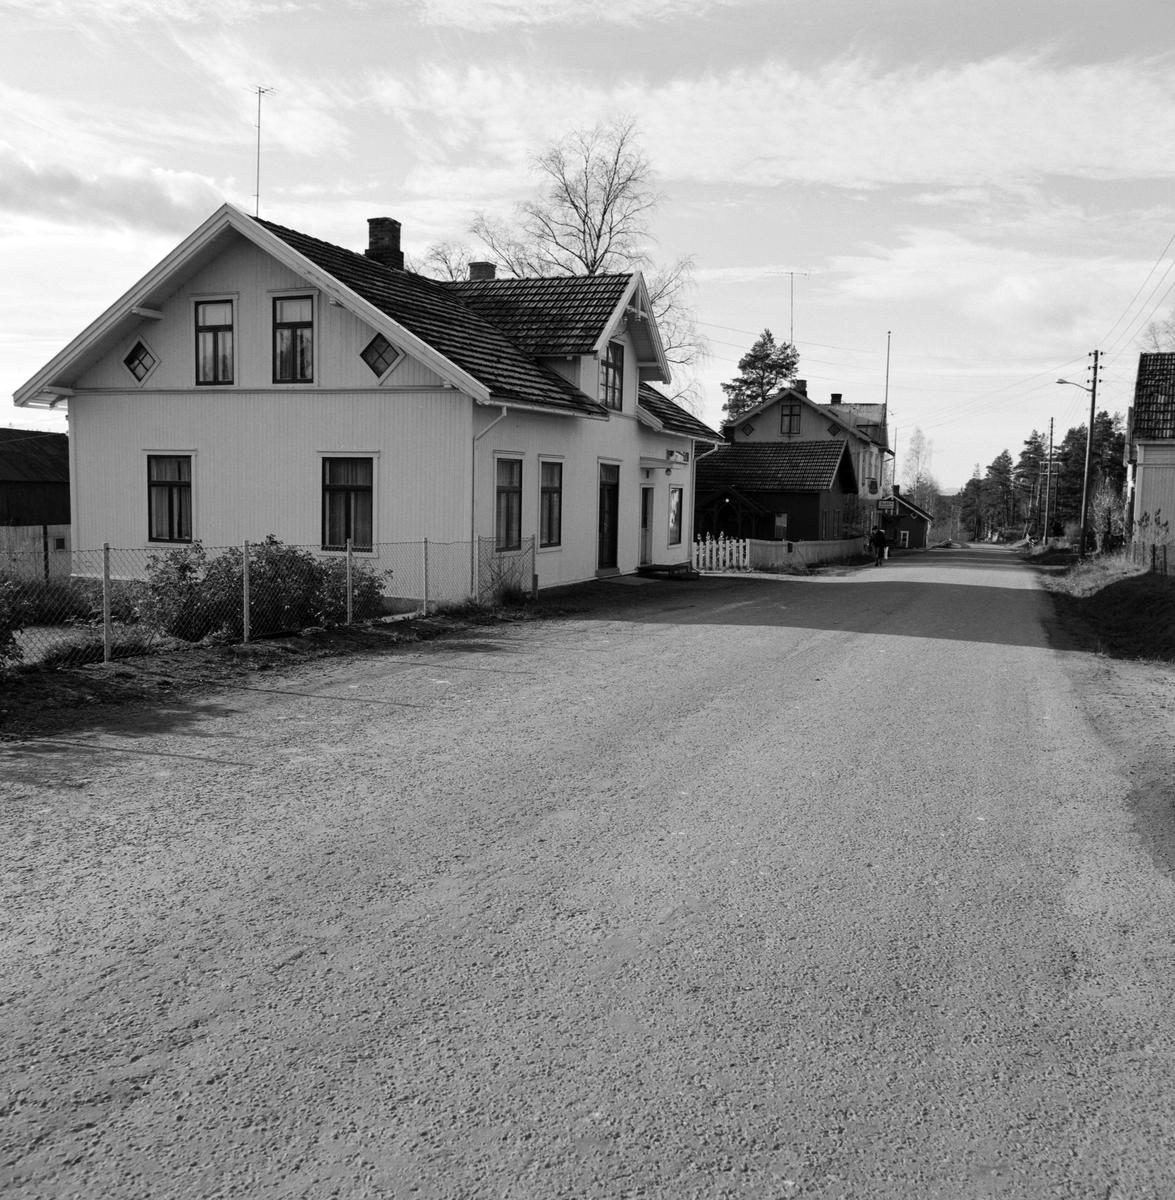 """Klevbakken, """"kiosken"""", her hadde G. (Gunnar) Stensbak slakteforretning og pølsemakeri fra 1930 fram til ca 1970(minst 1968, HA)), Klevbakken 83. Løten. Ådalsbruk."""